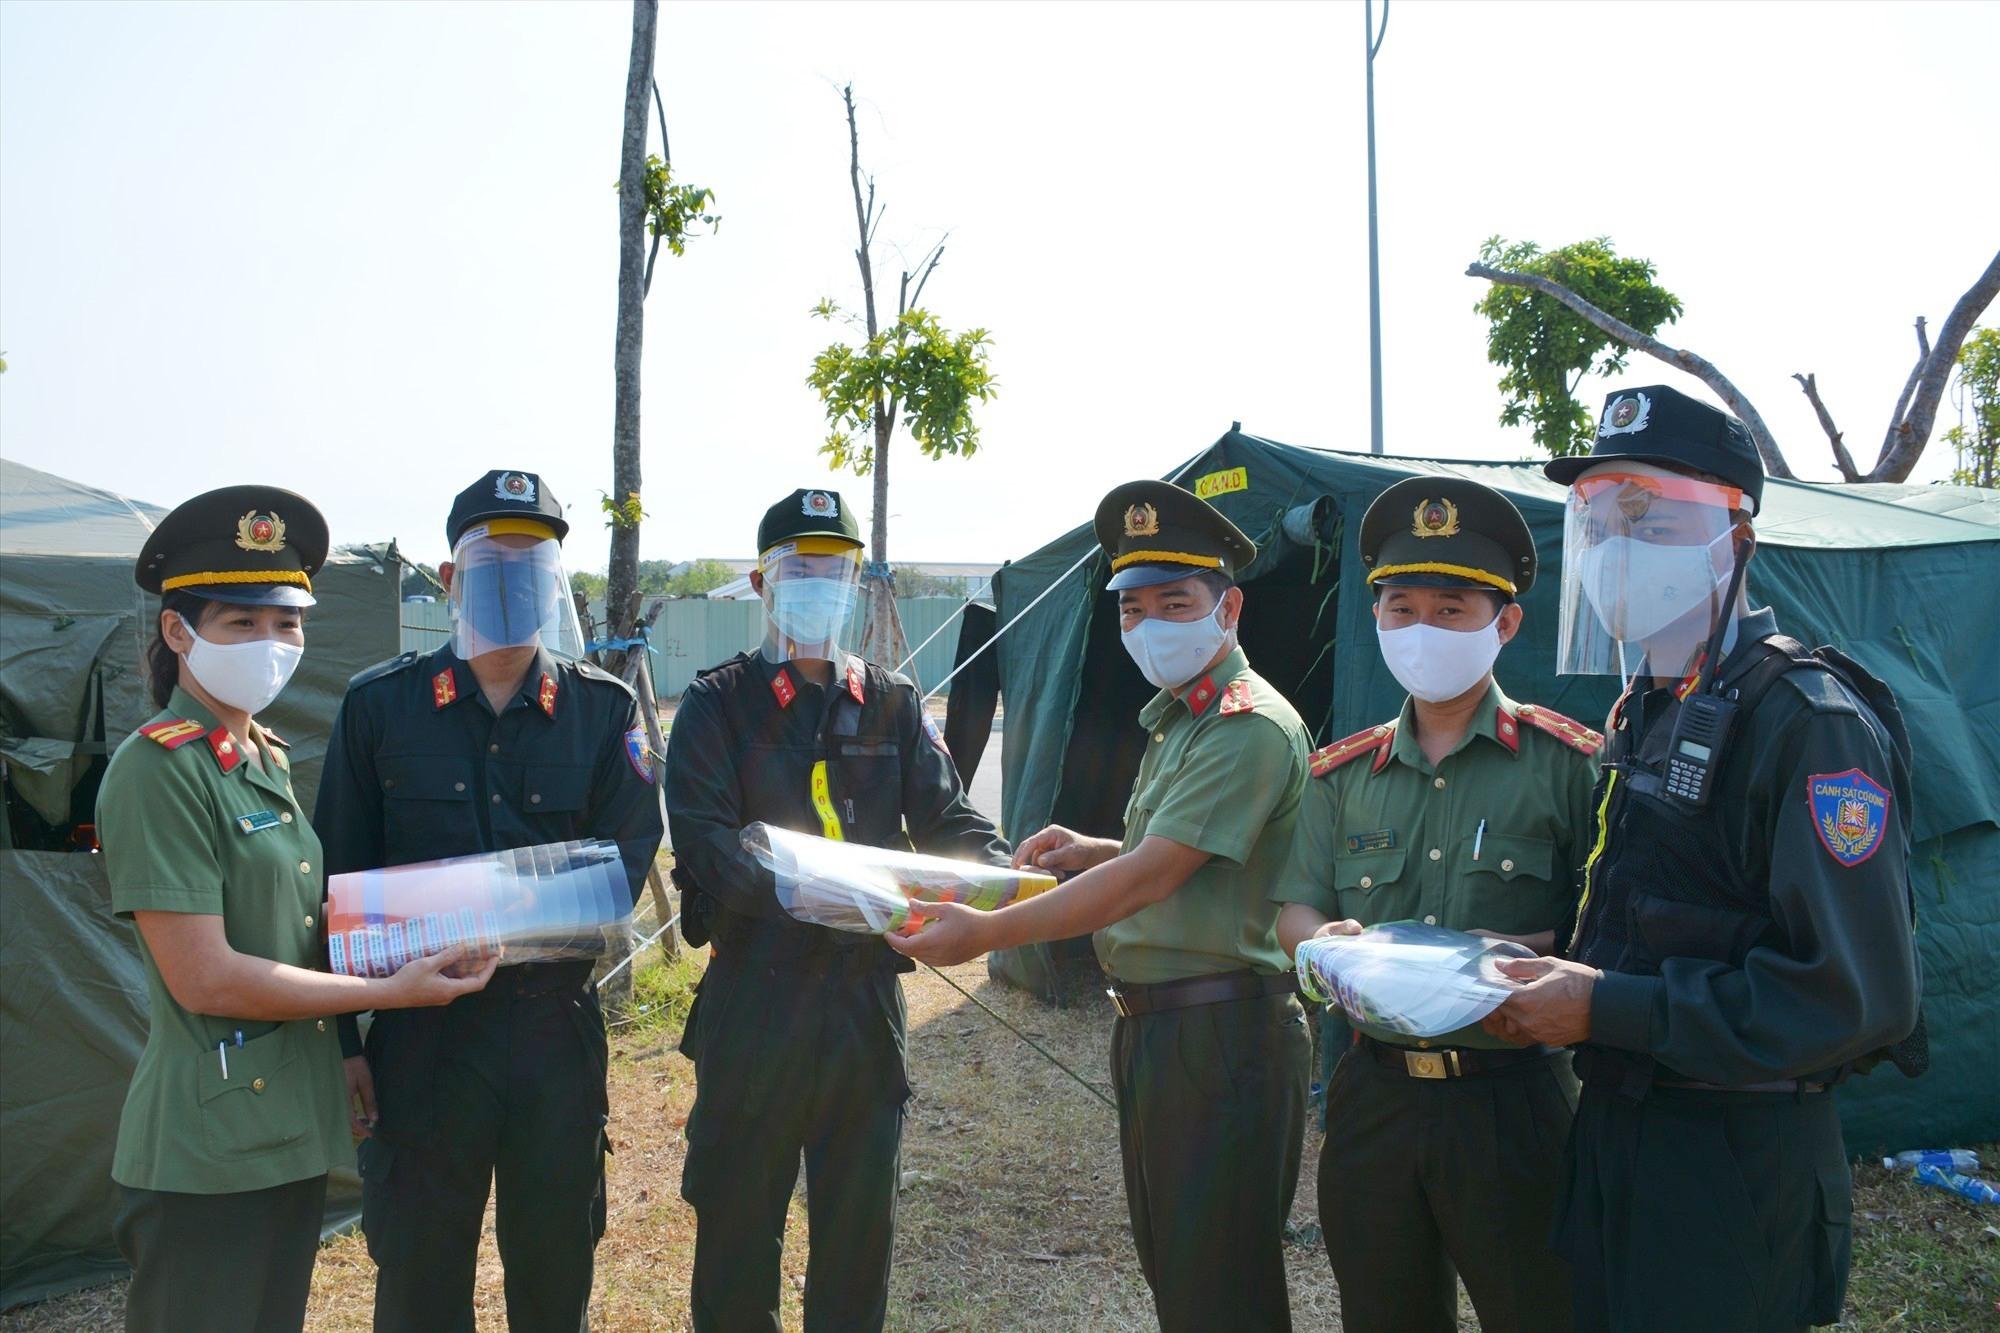 Đoàn Thanh niên Công an tỉnh trao tặng 3.000 chiếc mặt nạ phòng dịch cho cán bộ, chiến sĩ đang làm nhiệm vụ tại các chốt kiểm soát. Ảnh: M.L